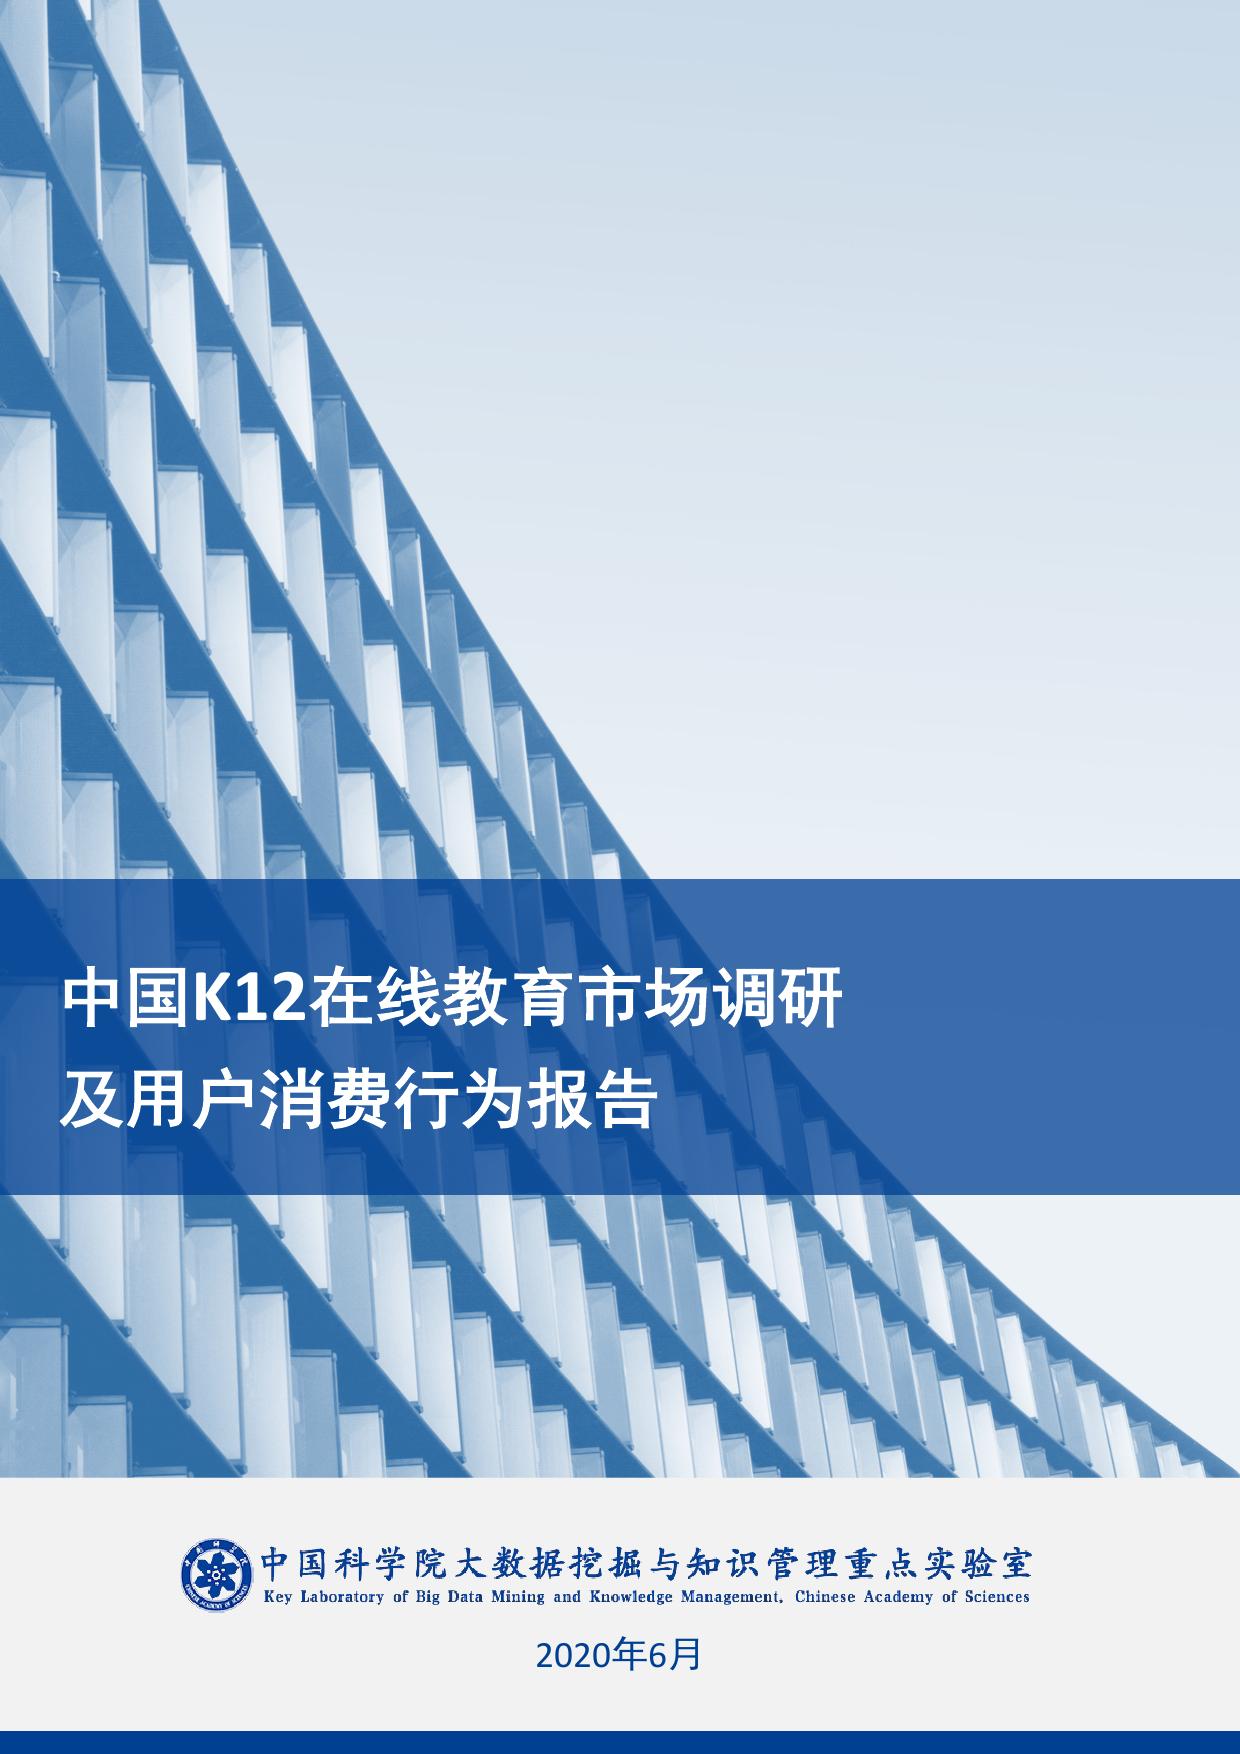 中国科学院:中国K12在线教育市场调研及用户消费行为报告